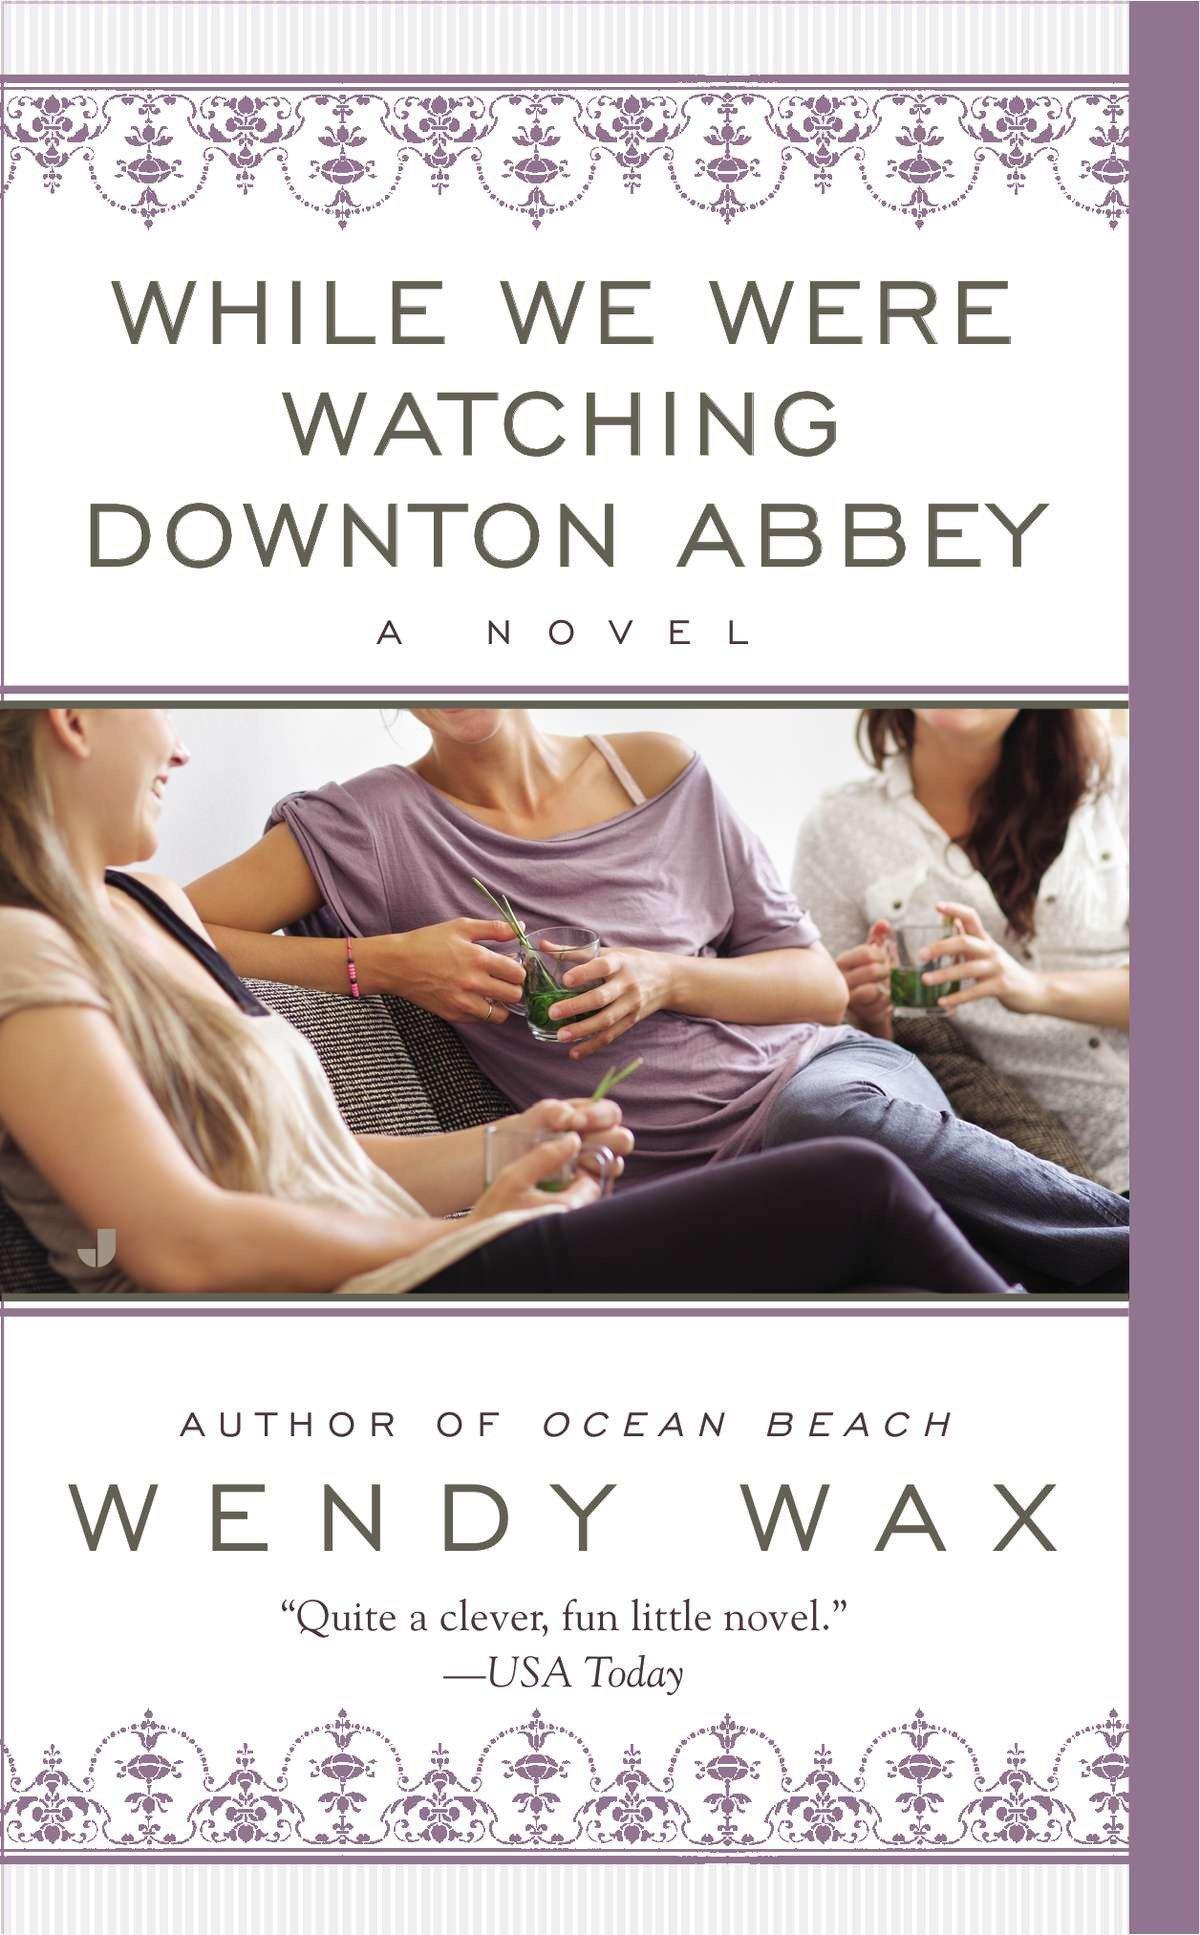 Author Interview - Wendy Wax